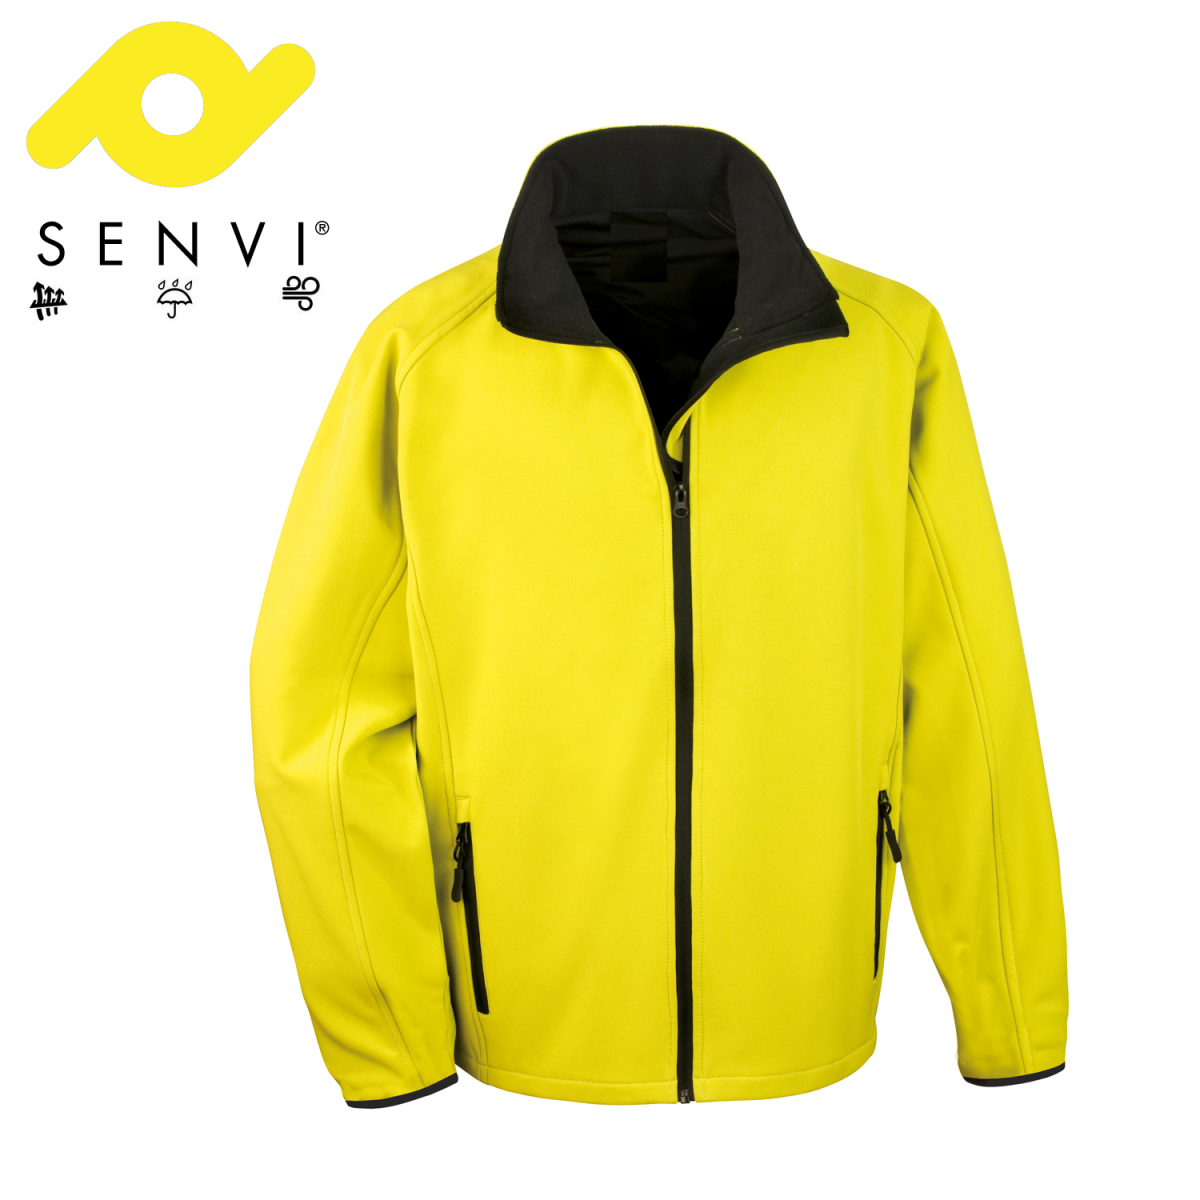 Senvi Softshell Jas - Kleur Geel/Zwart- Maat XXXXL (4XL)